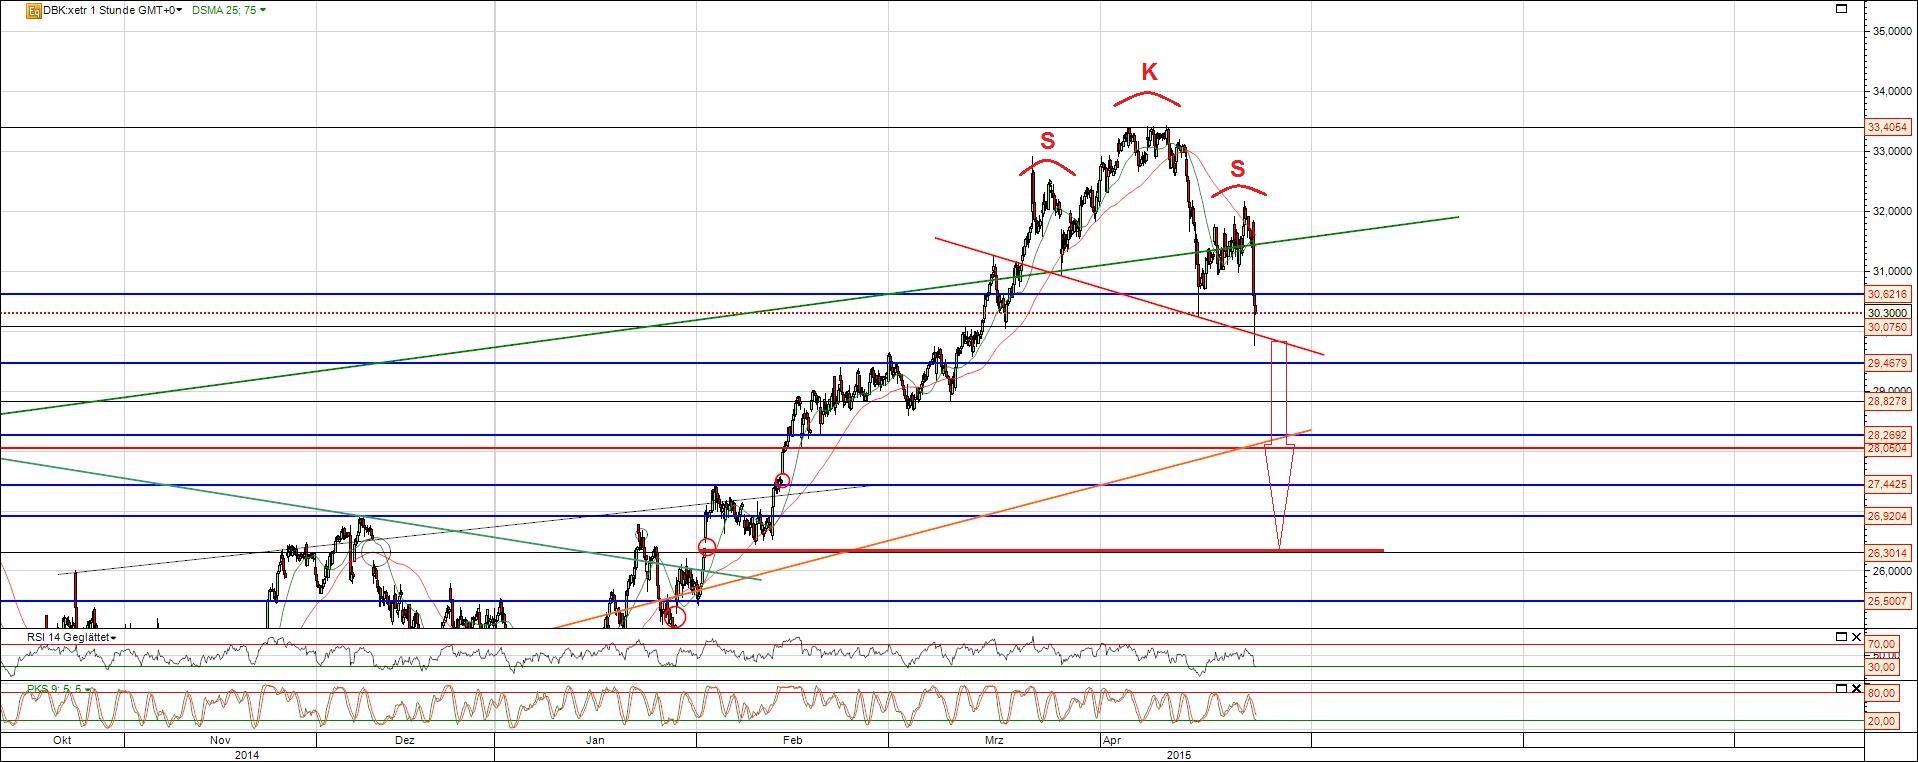 Deutsche Bank Aktie vor dem Absturz?